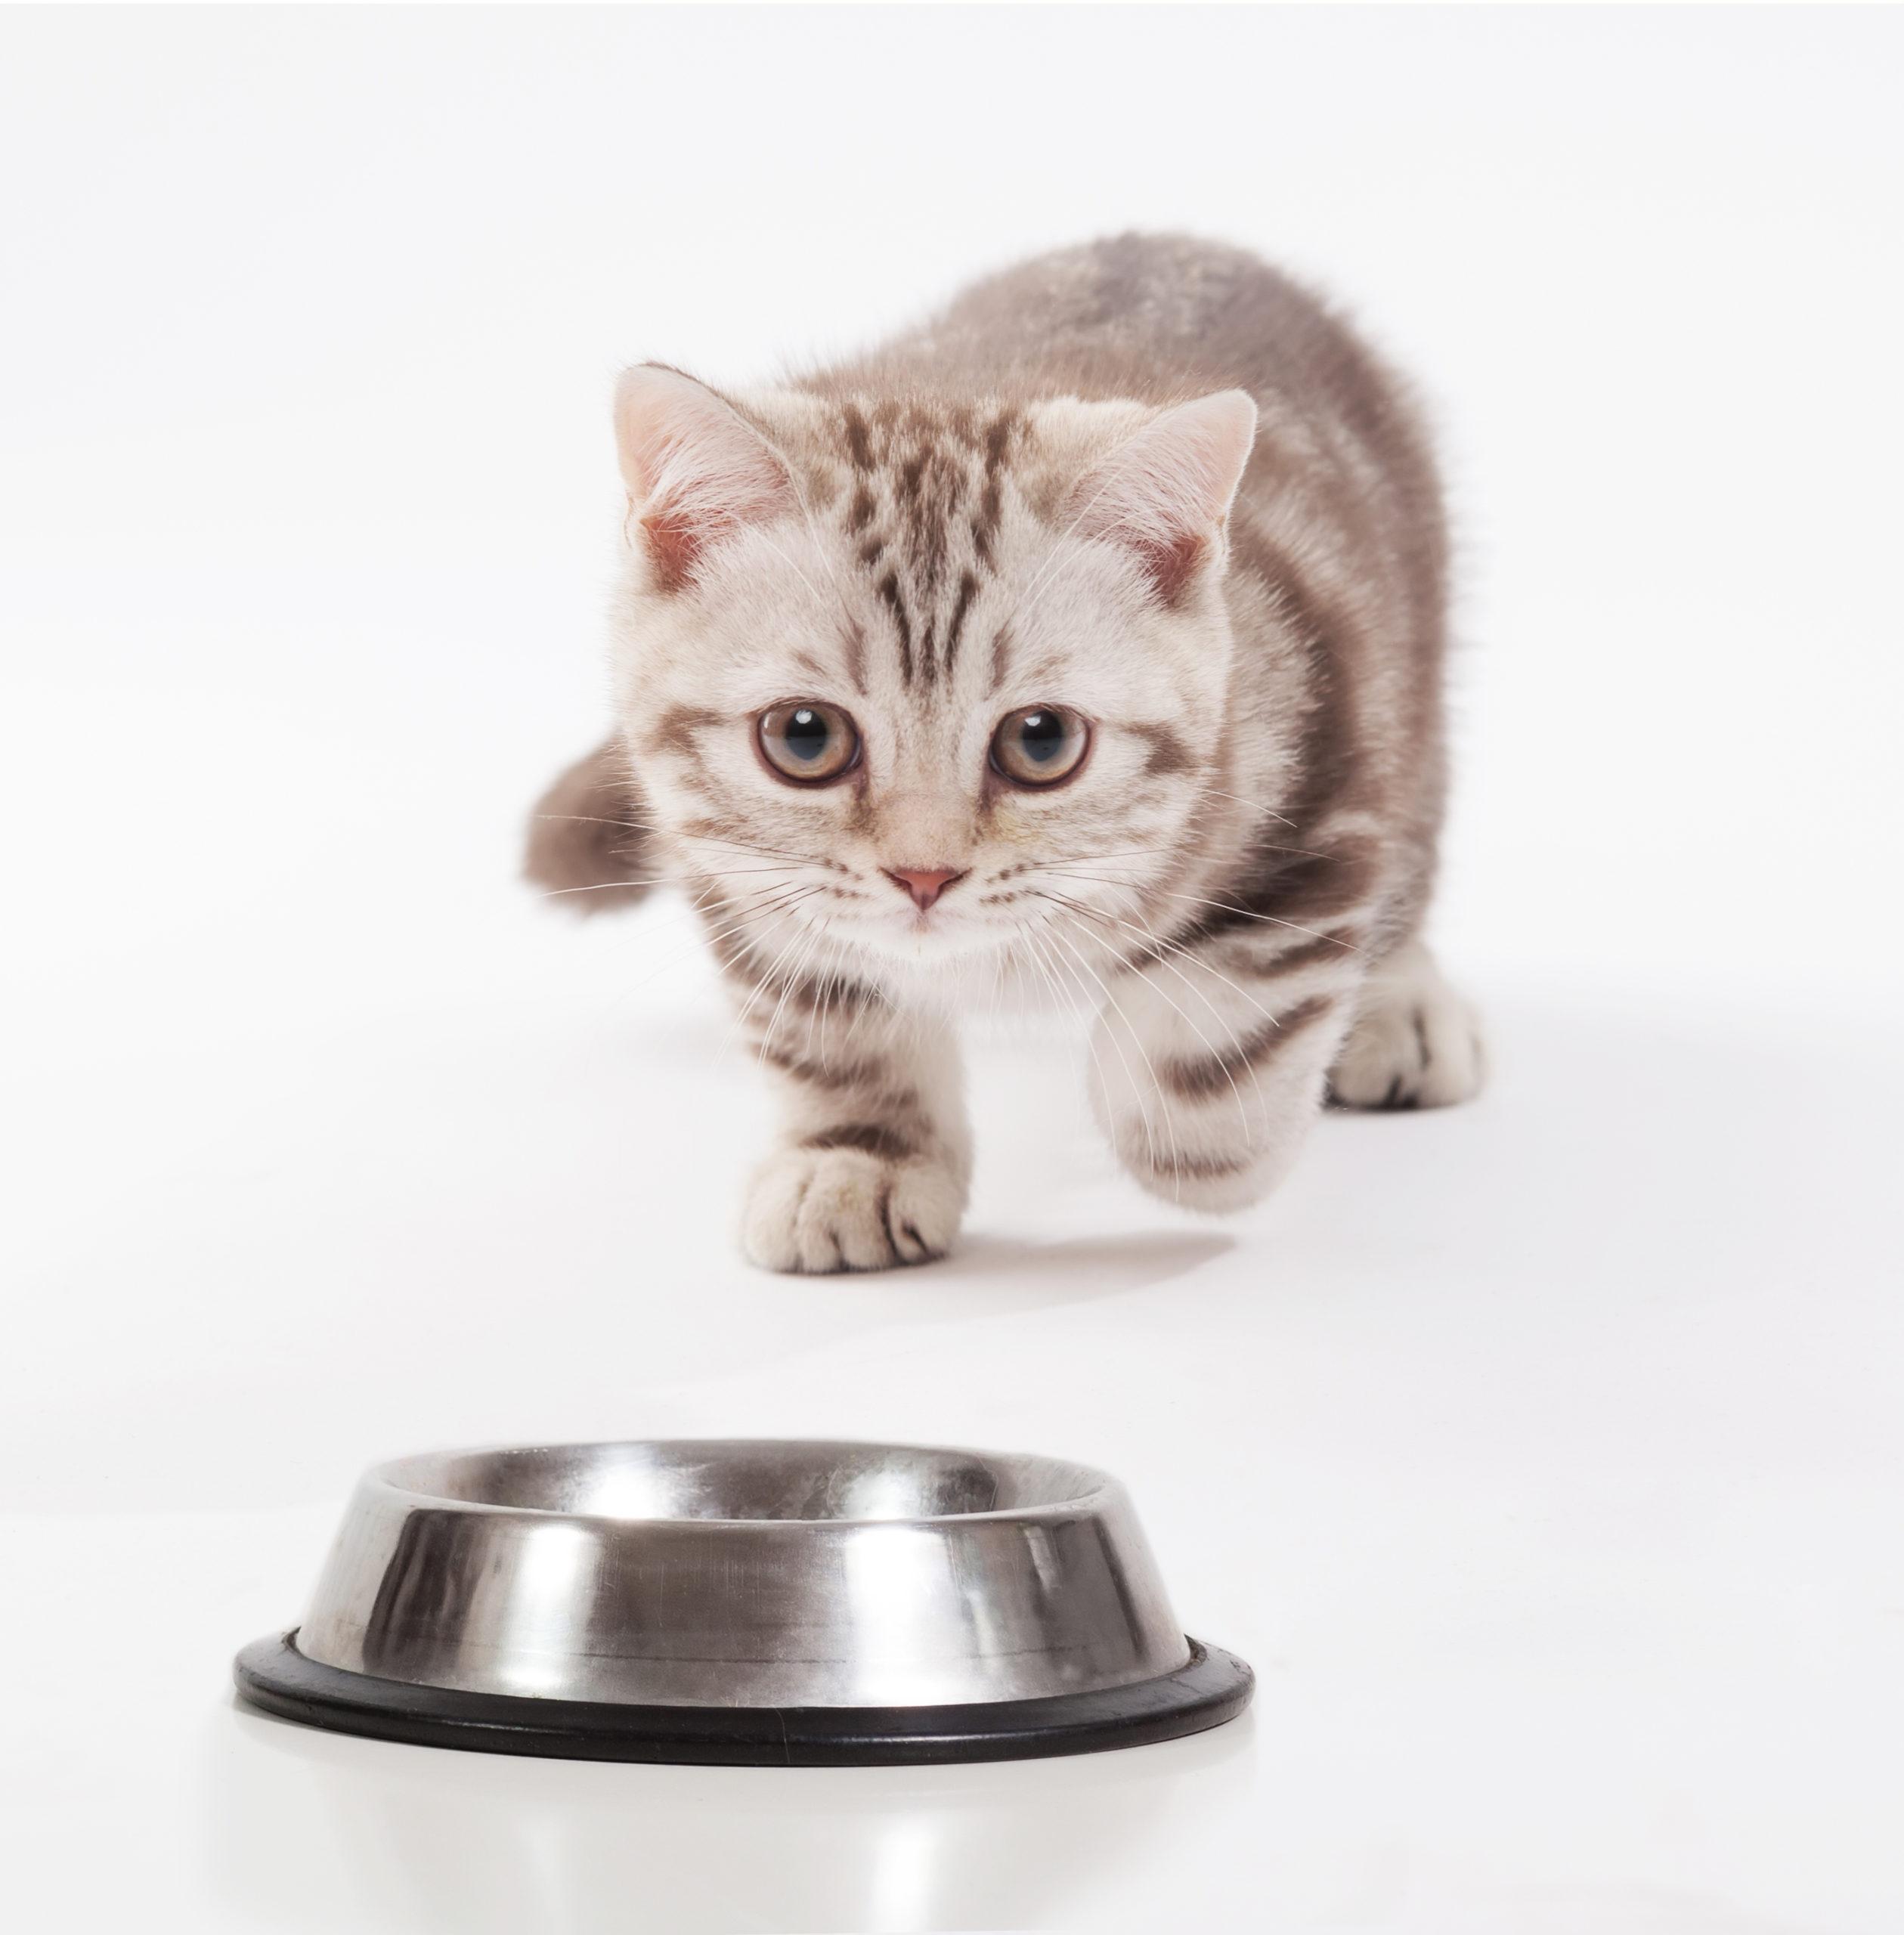 猫がご飯を食べないのはなぜ?【猫がご飯を食べない5つの理由】